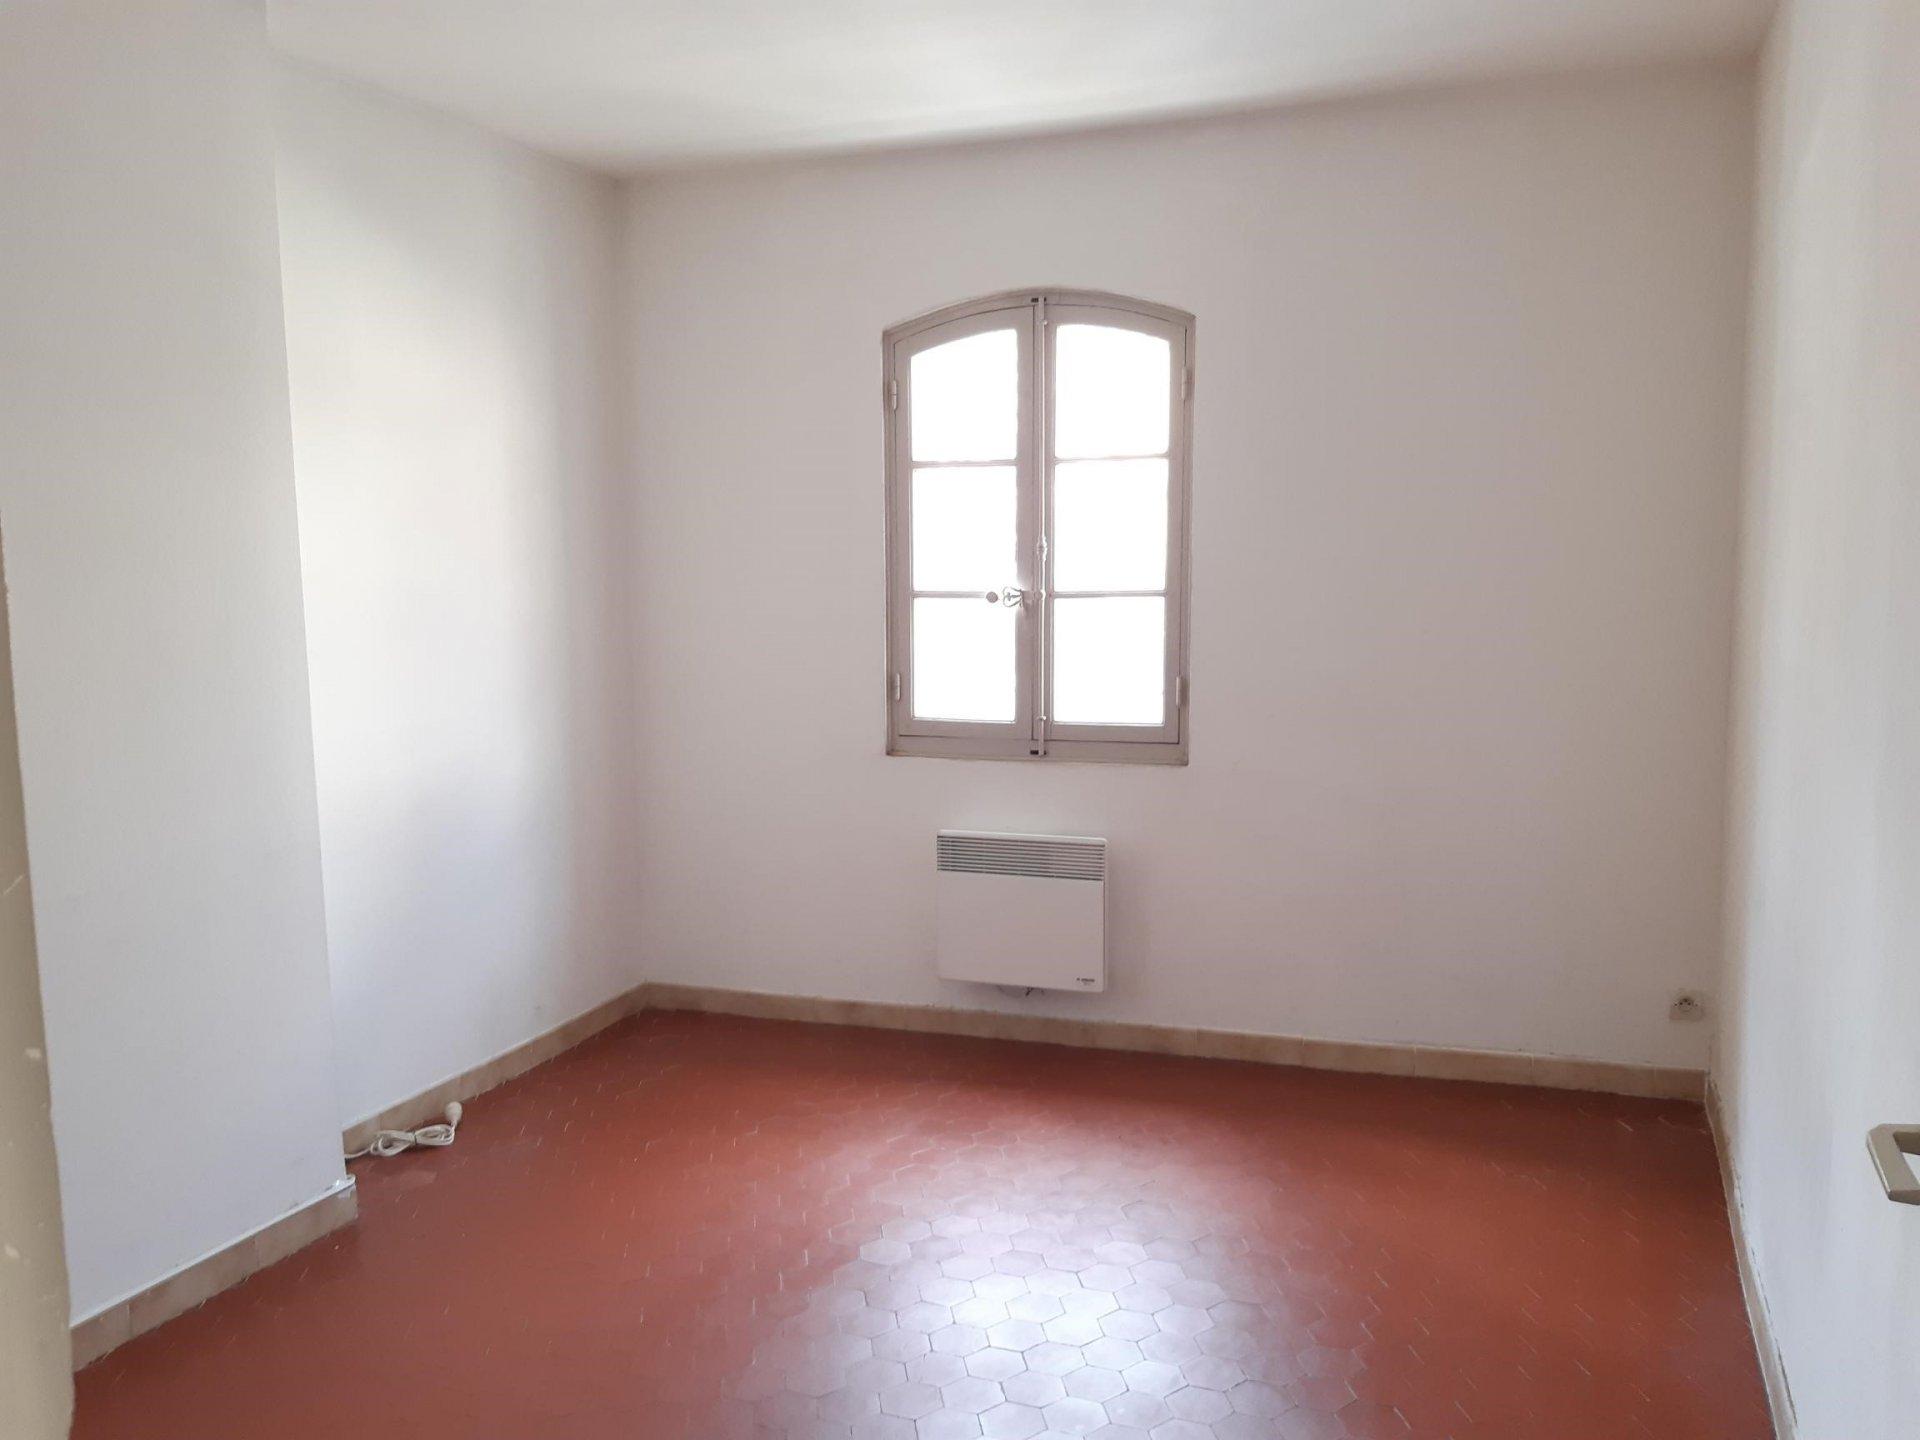 Location Appartement TARASCON séjour de 18.88 m²